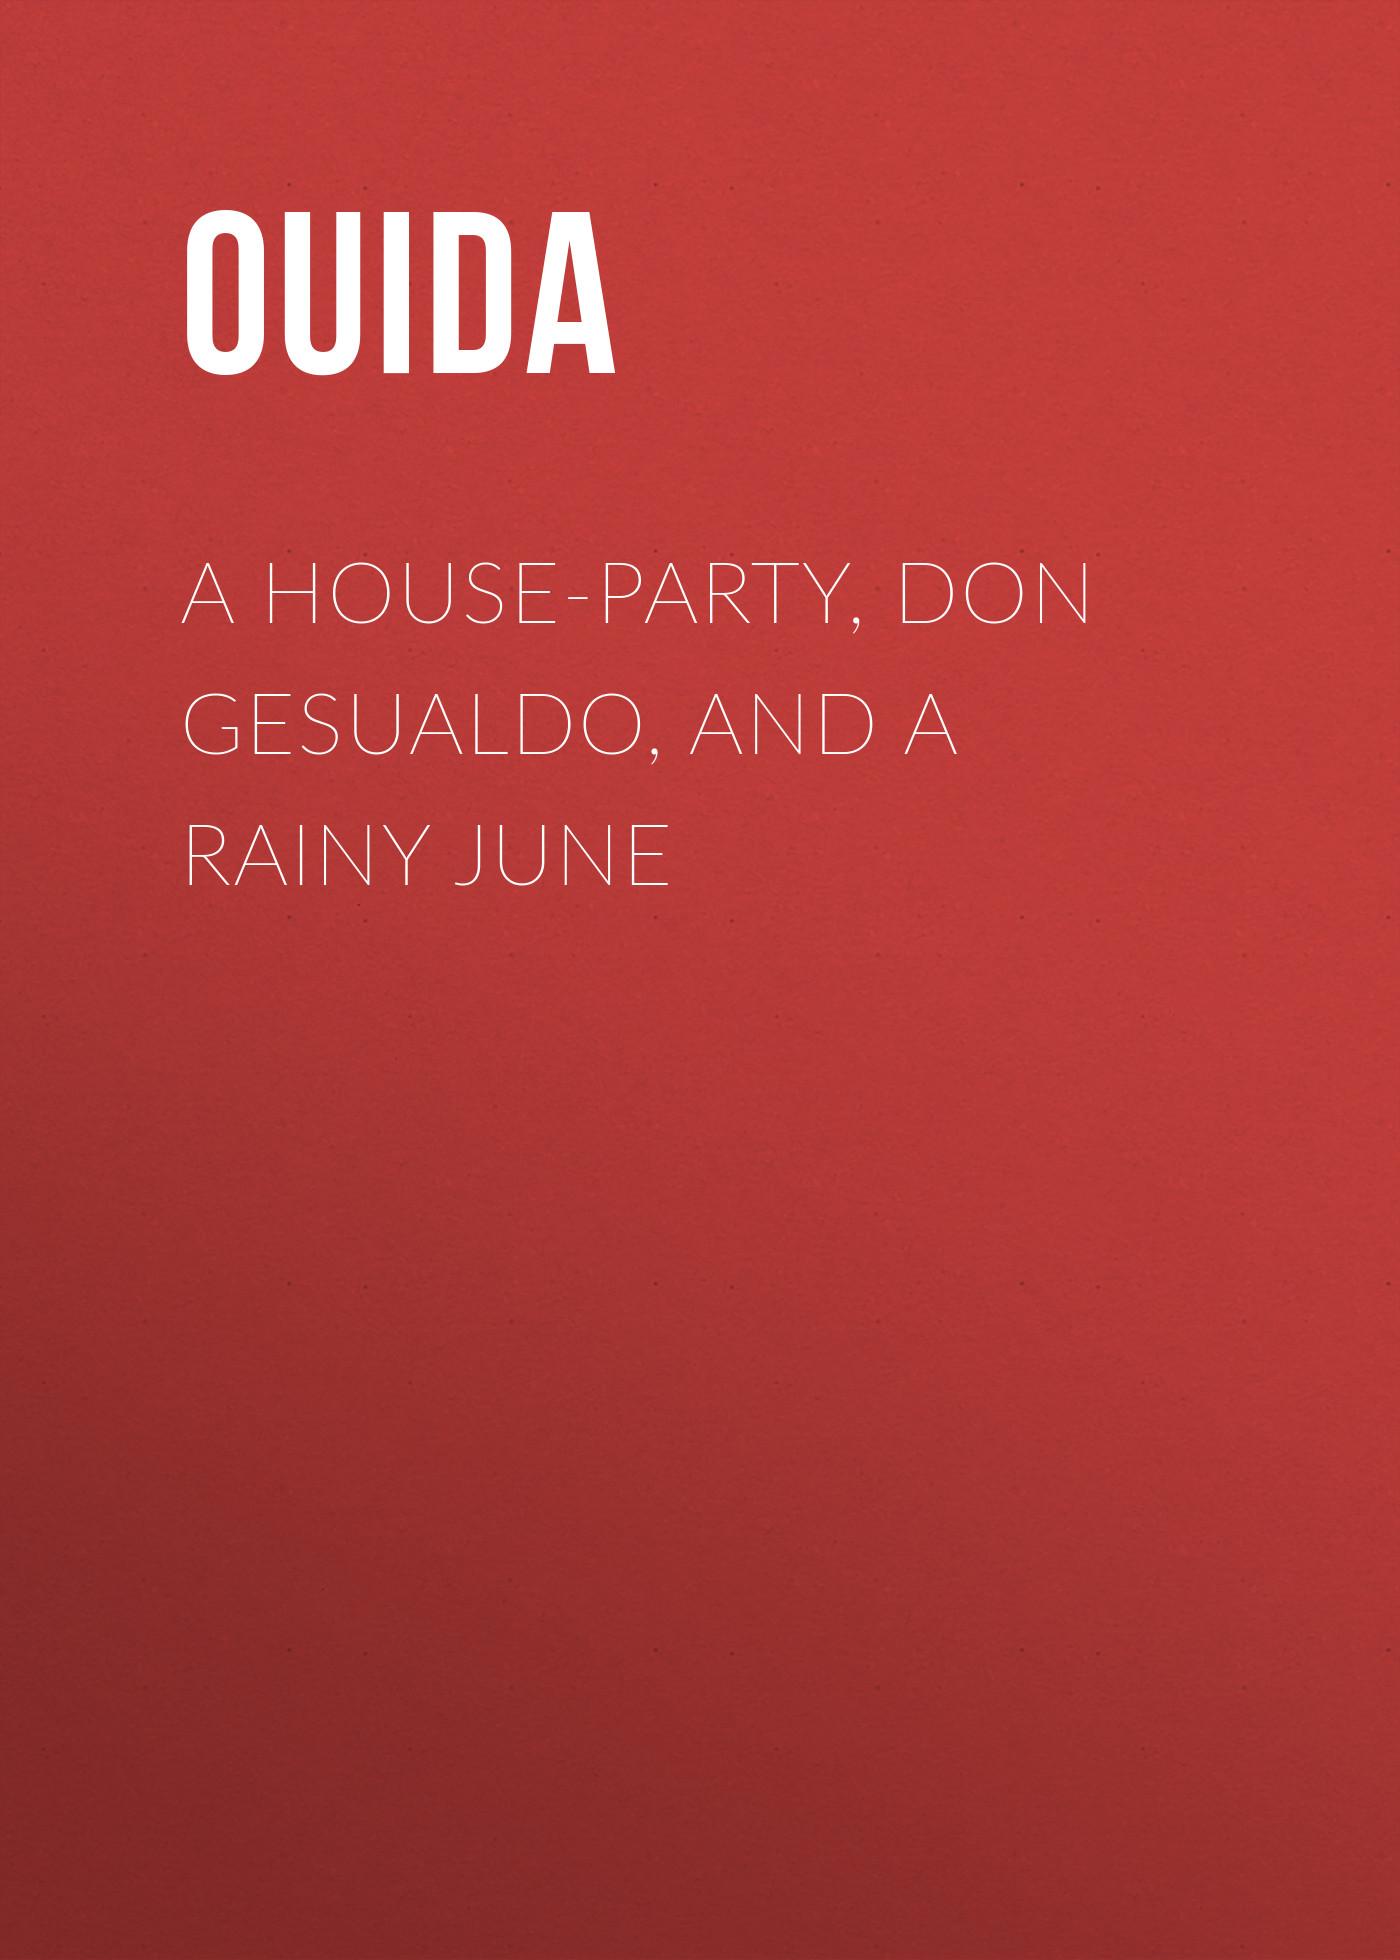 Ouida A House-Party, Don Gesualdo, and A Rainy June c gesualdo 5 madrigals